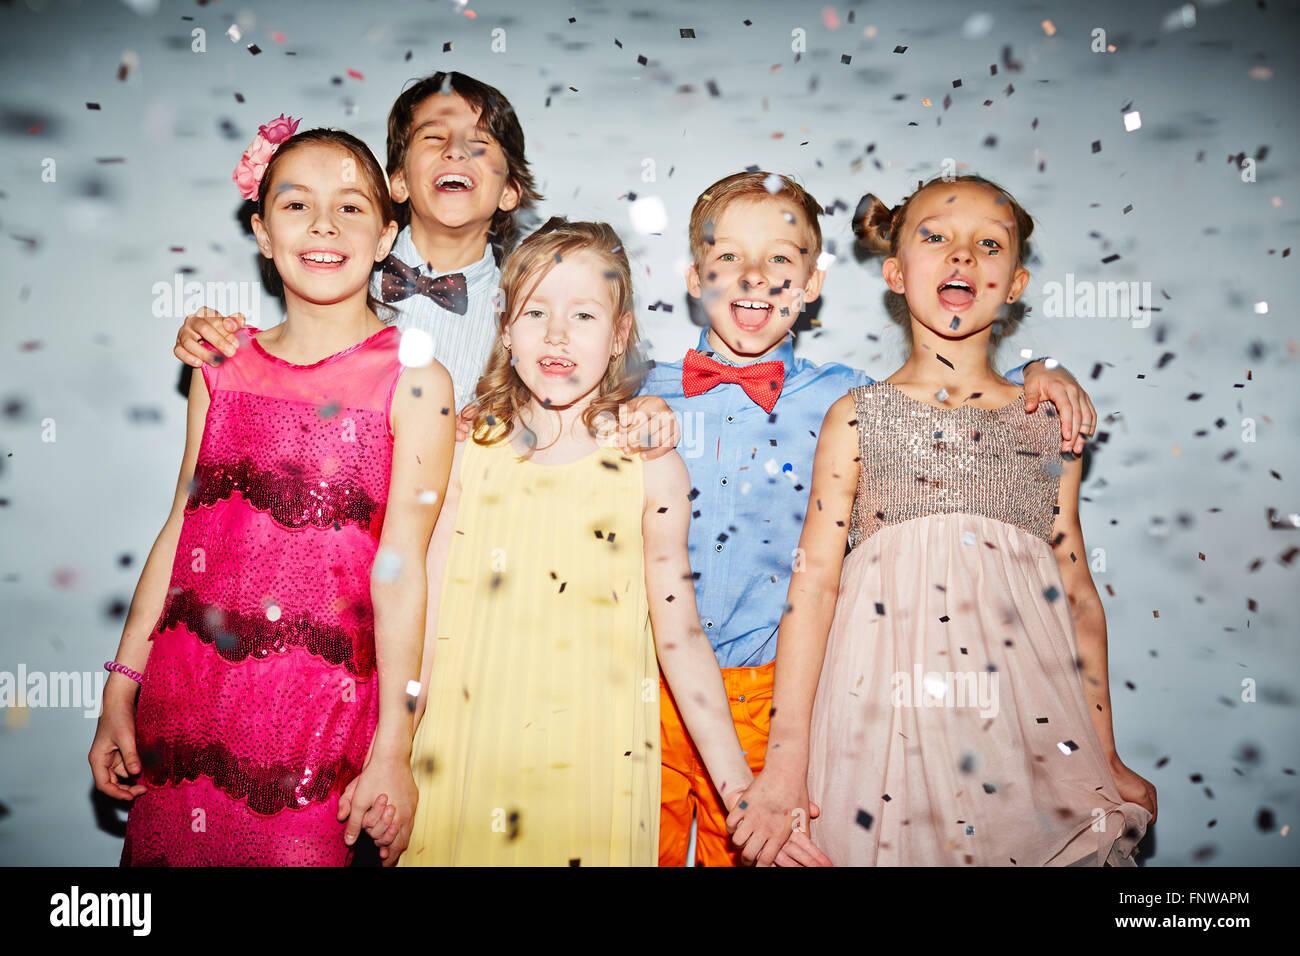 Gruppe von glücklichen Kindern stehen unter fallenden Konfetti Stockbild